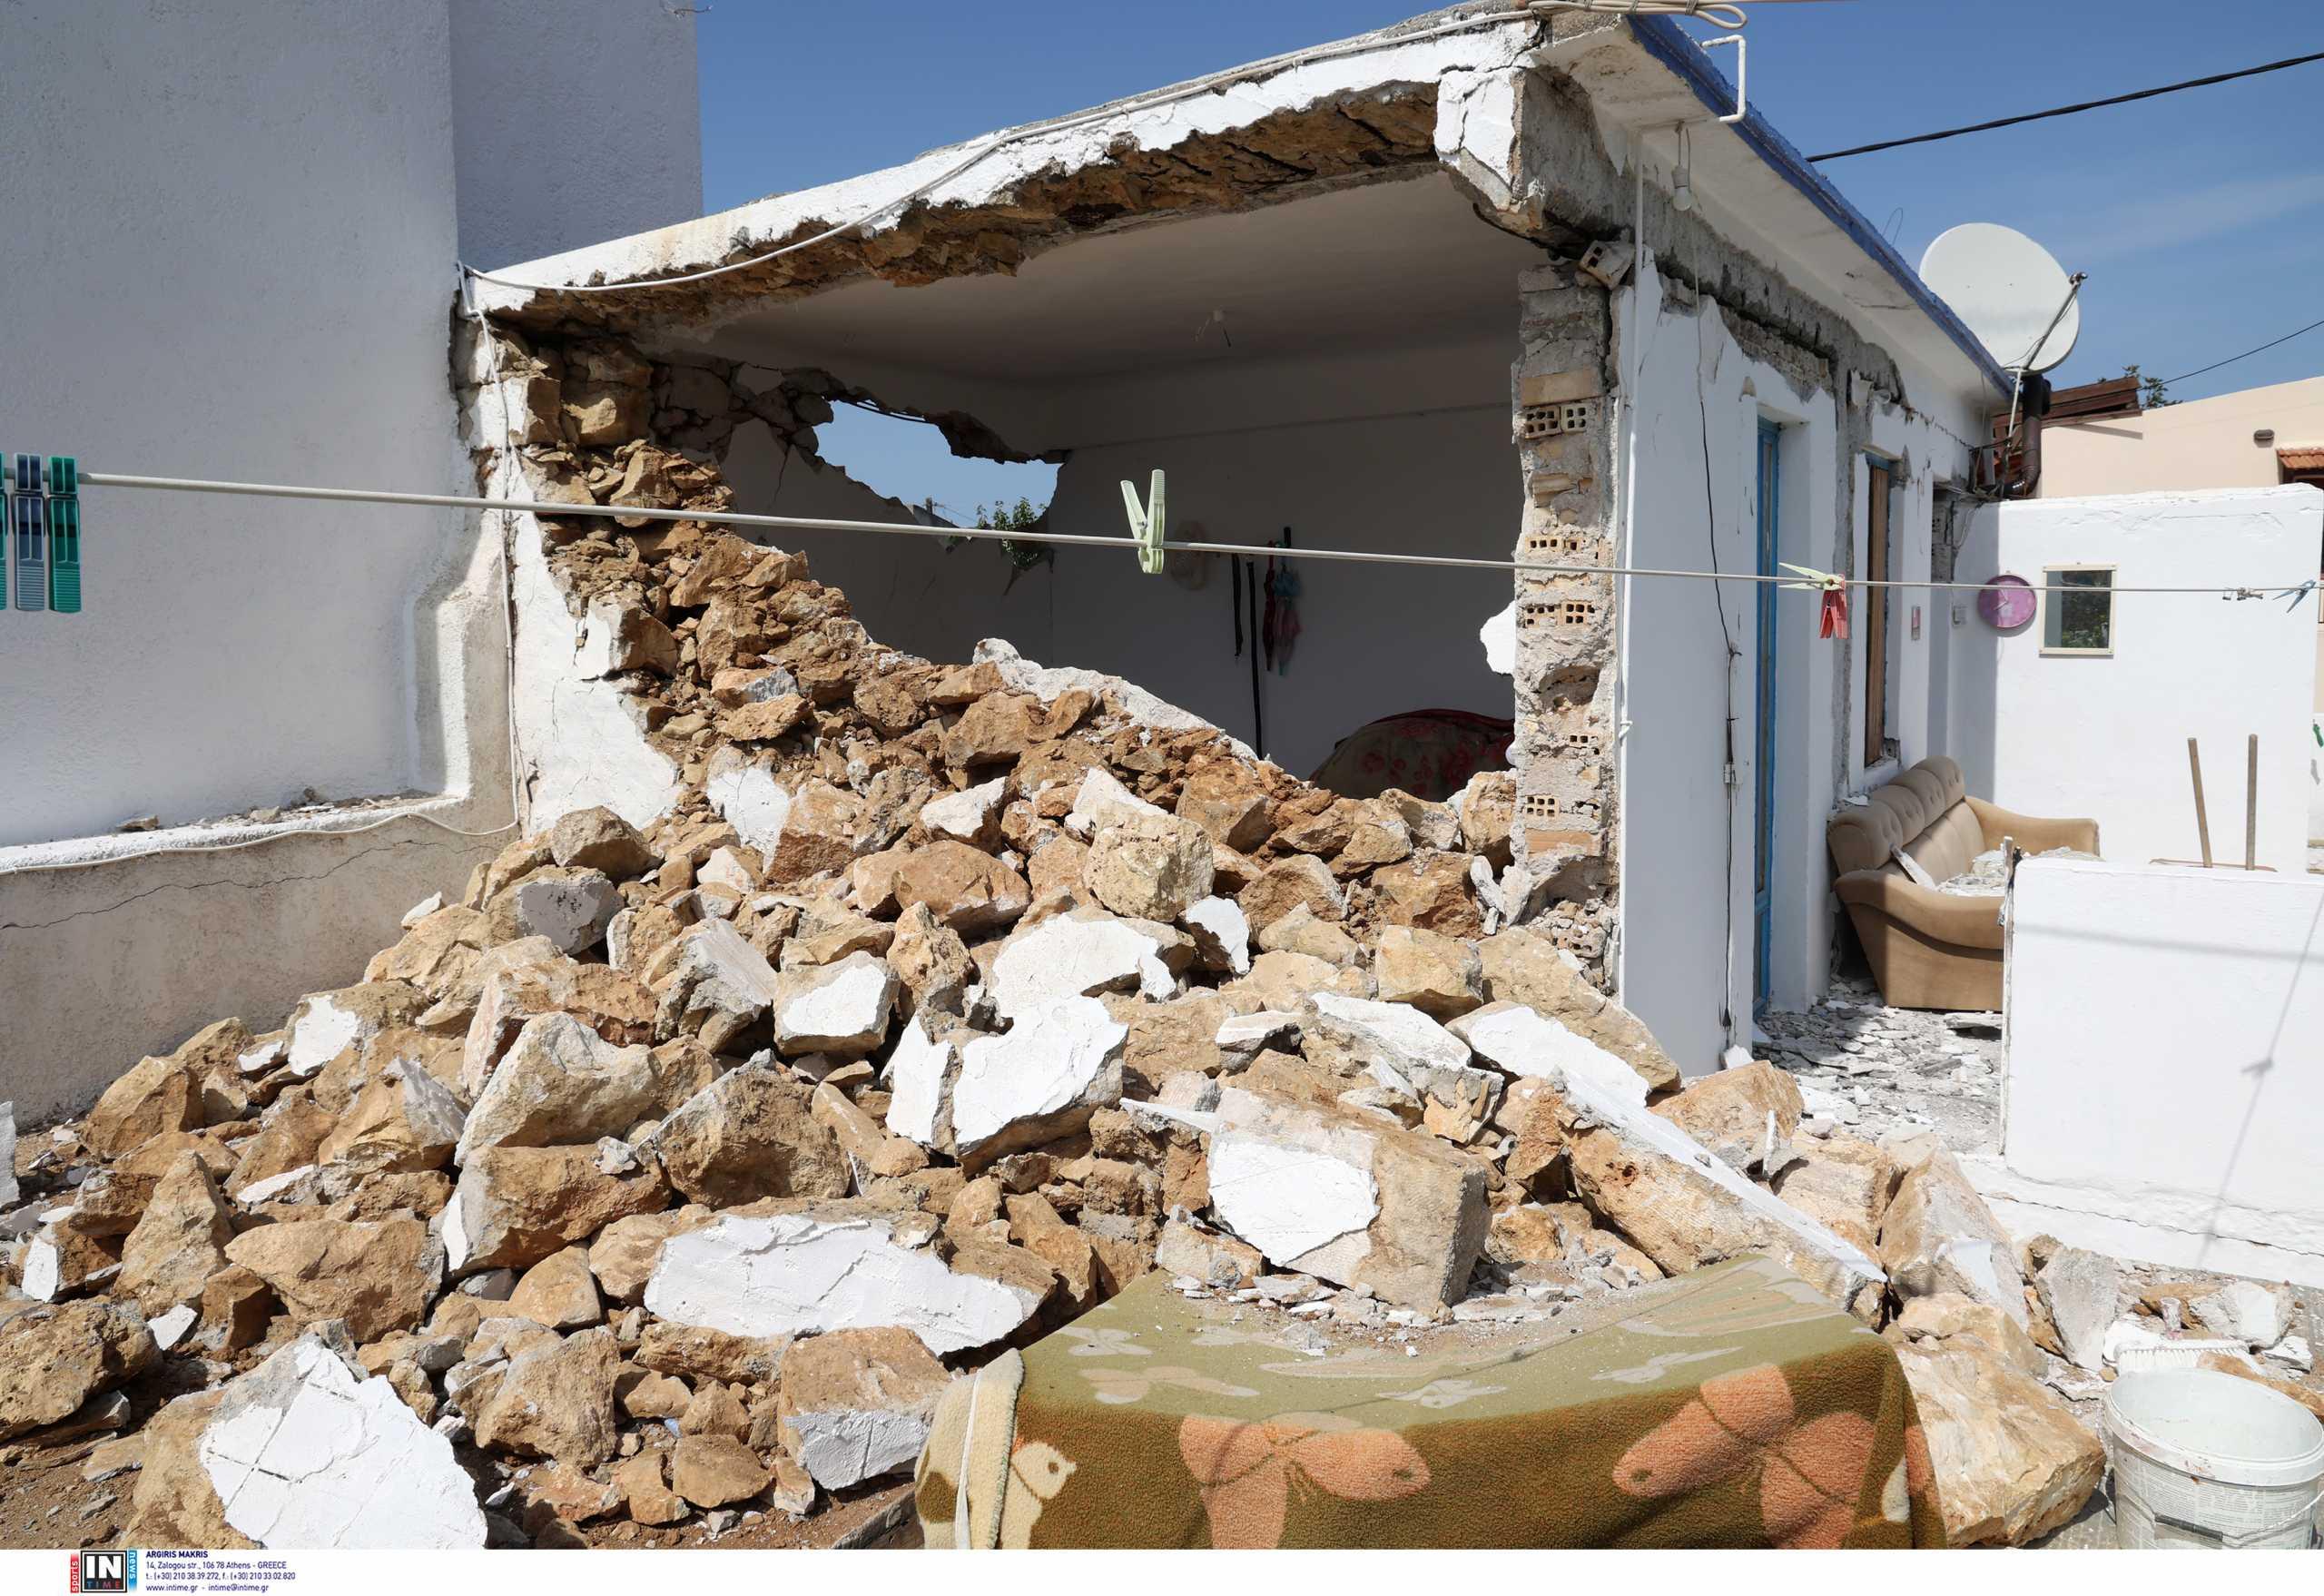 Λέκκας για σεισμό στην Κρήτη: Τι δείχνουν τα πρώτα στοιχεία μετά τη δόνηση των 6,3 Ρίχτερ